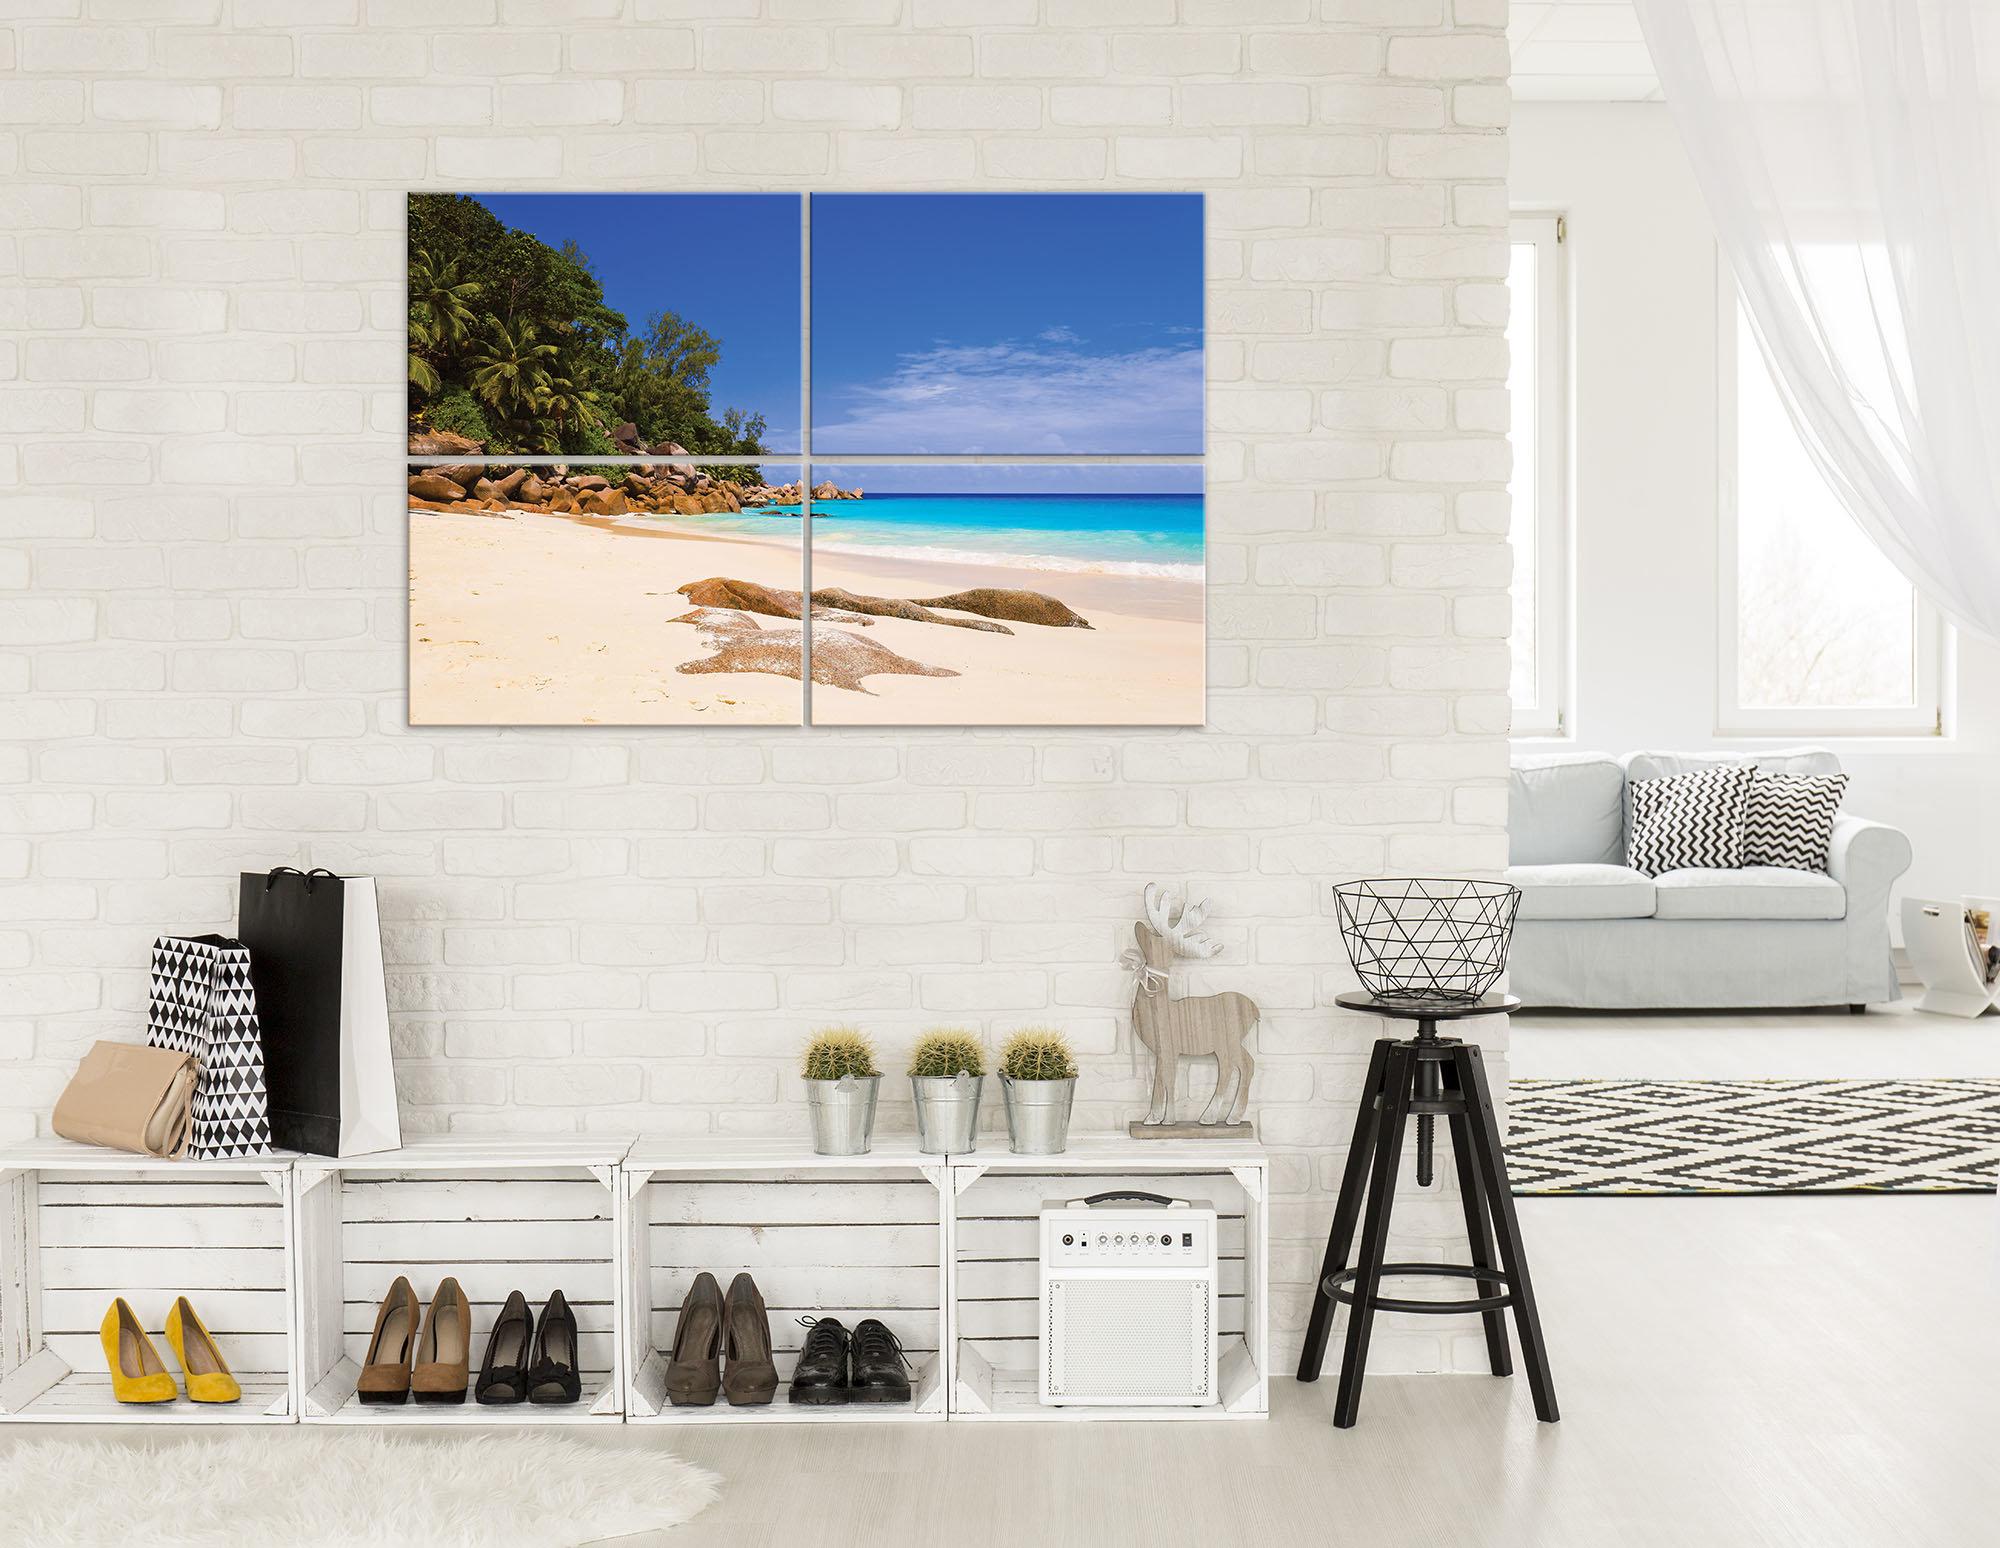 leinwandbild mit tropischen strand weltderbilder. Black Bedroom Furniture Sets. Home Design Ideas